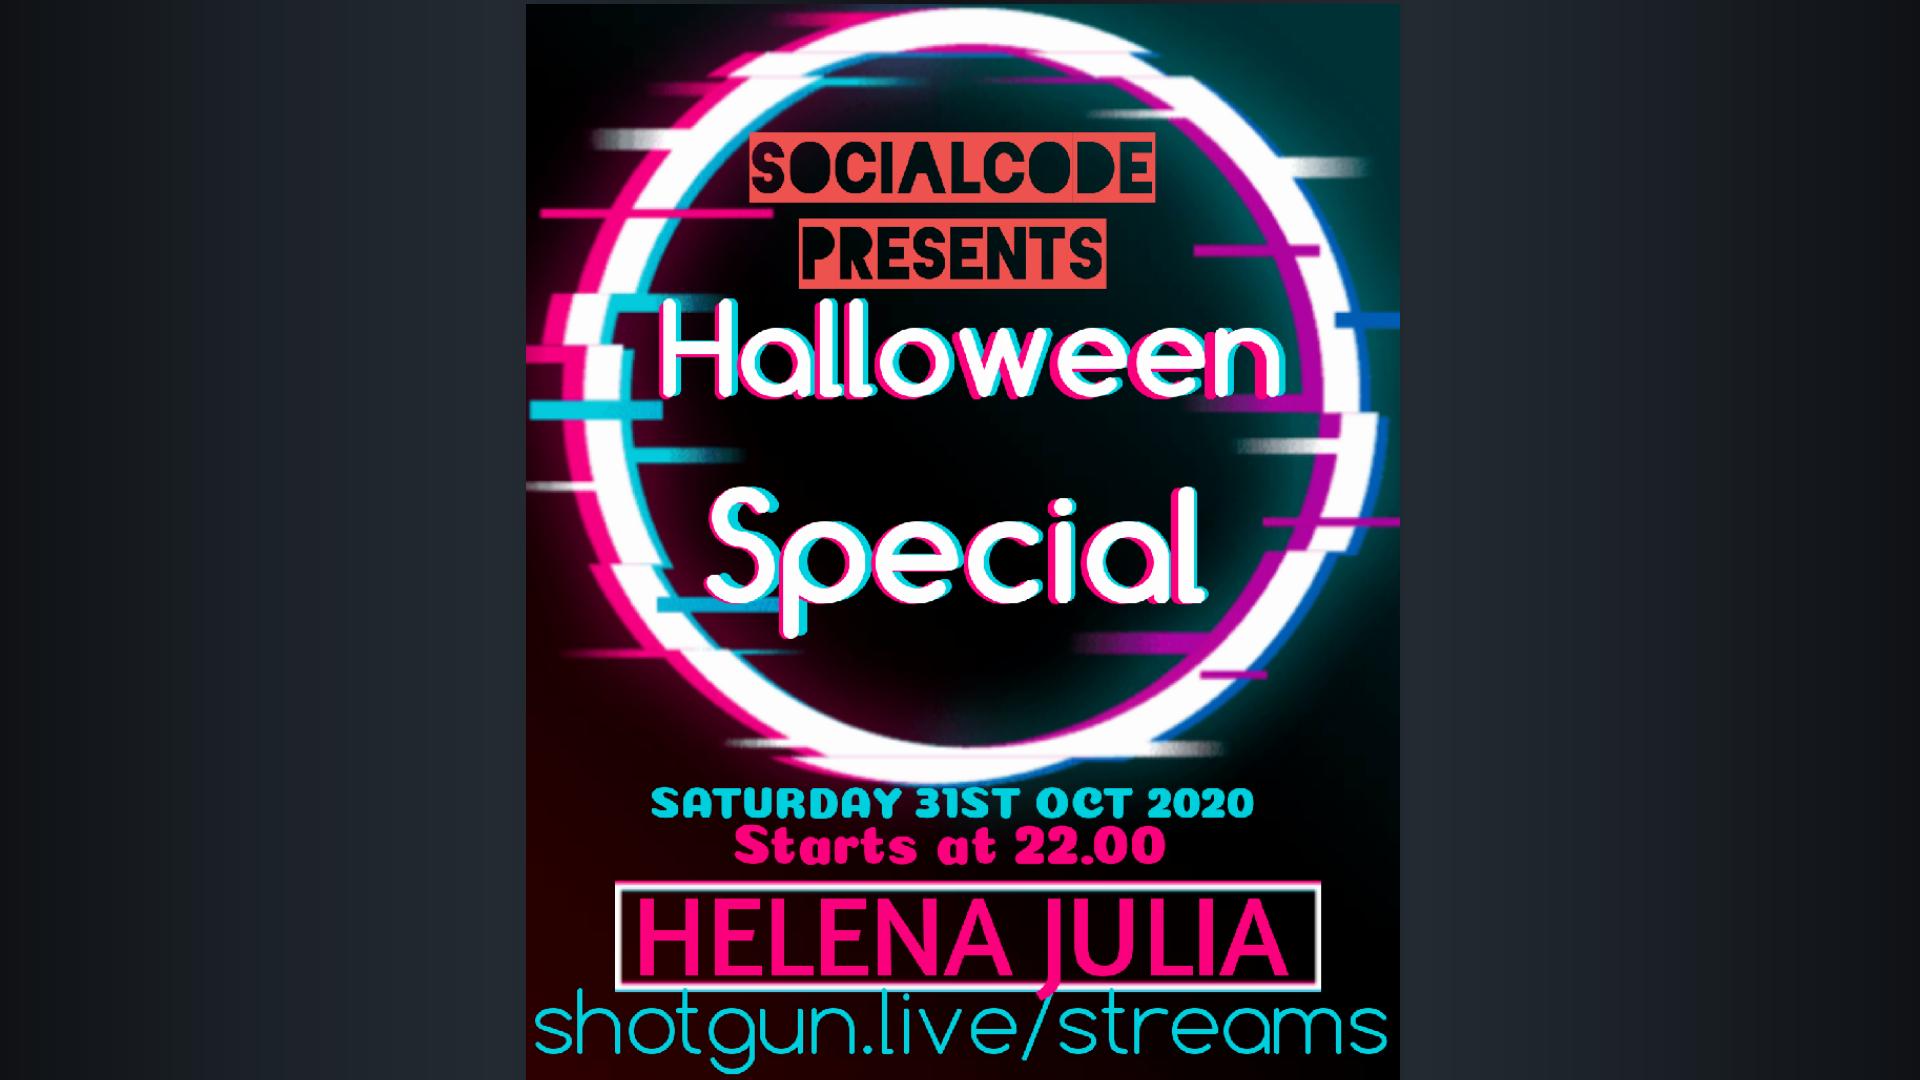 SOCIALCODE presents Helena Julia | UK 🇬🇧